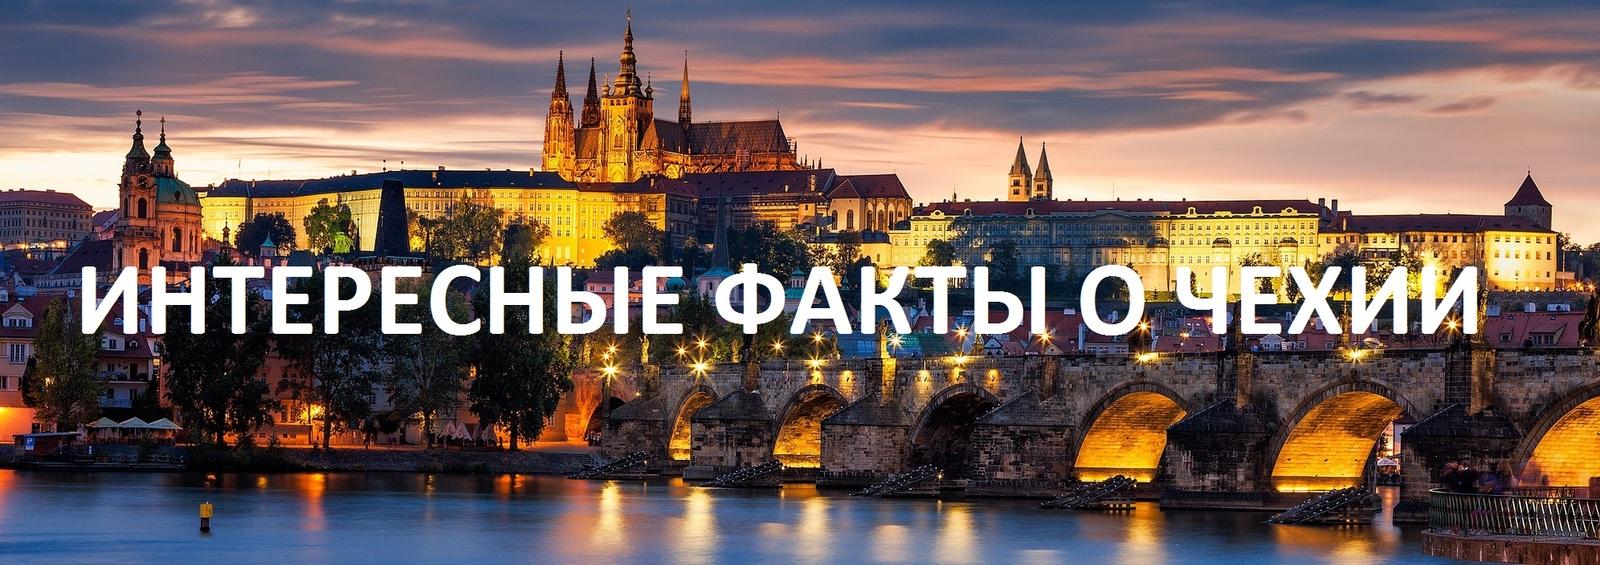 Чехия столица порно